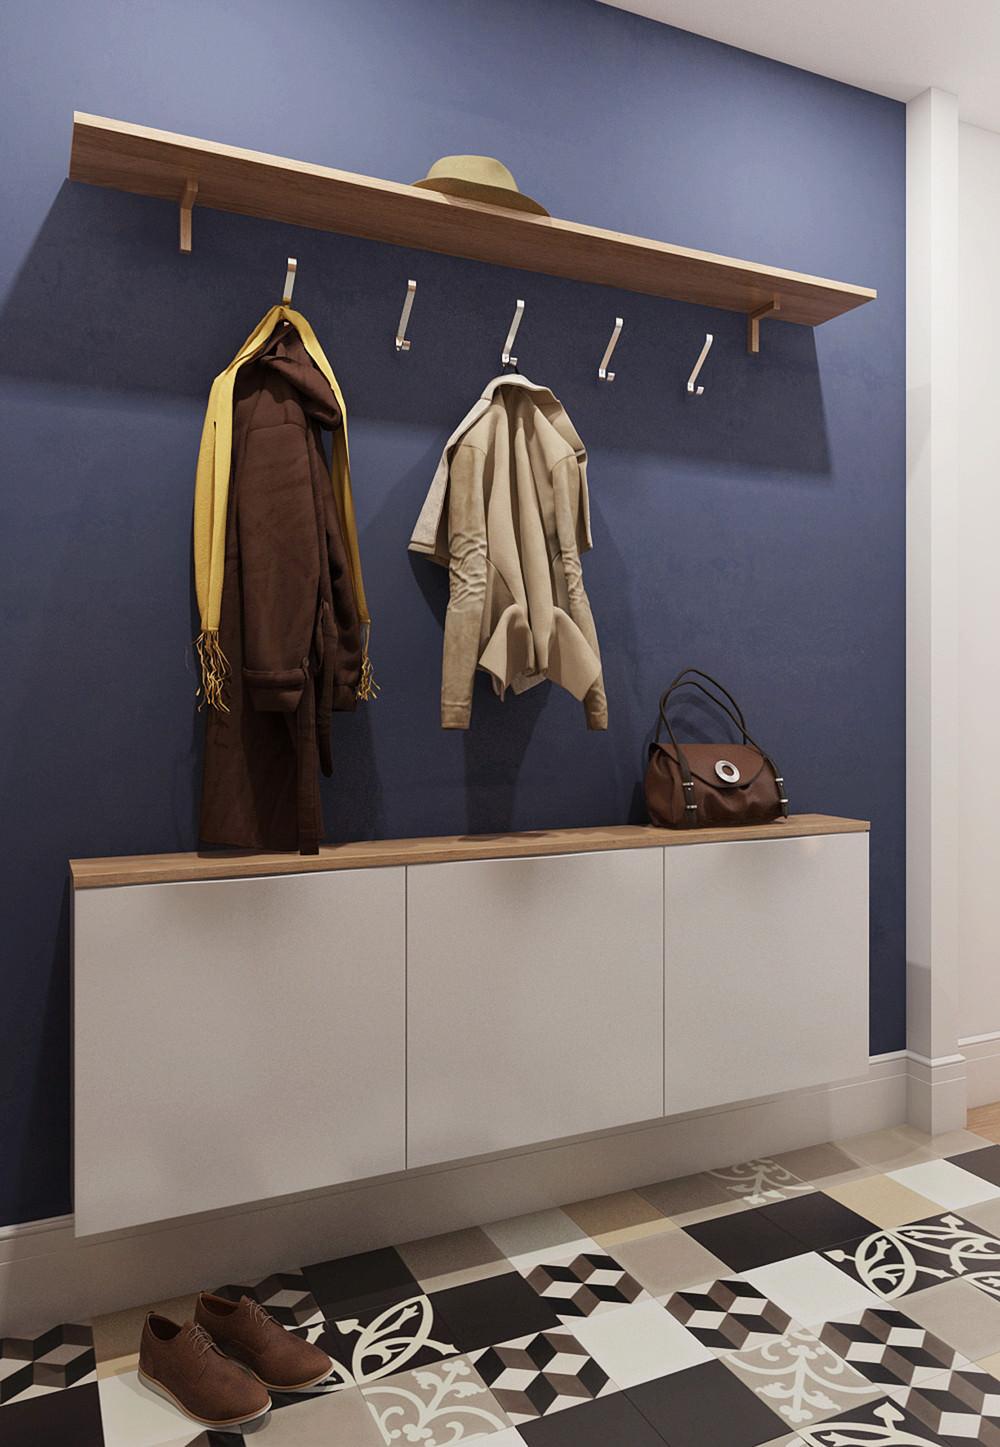 mini-studio-pokazva-ideen-interior-s-multifunktsionalni-mebeli-19-m-9g